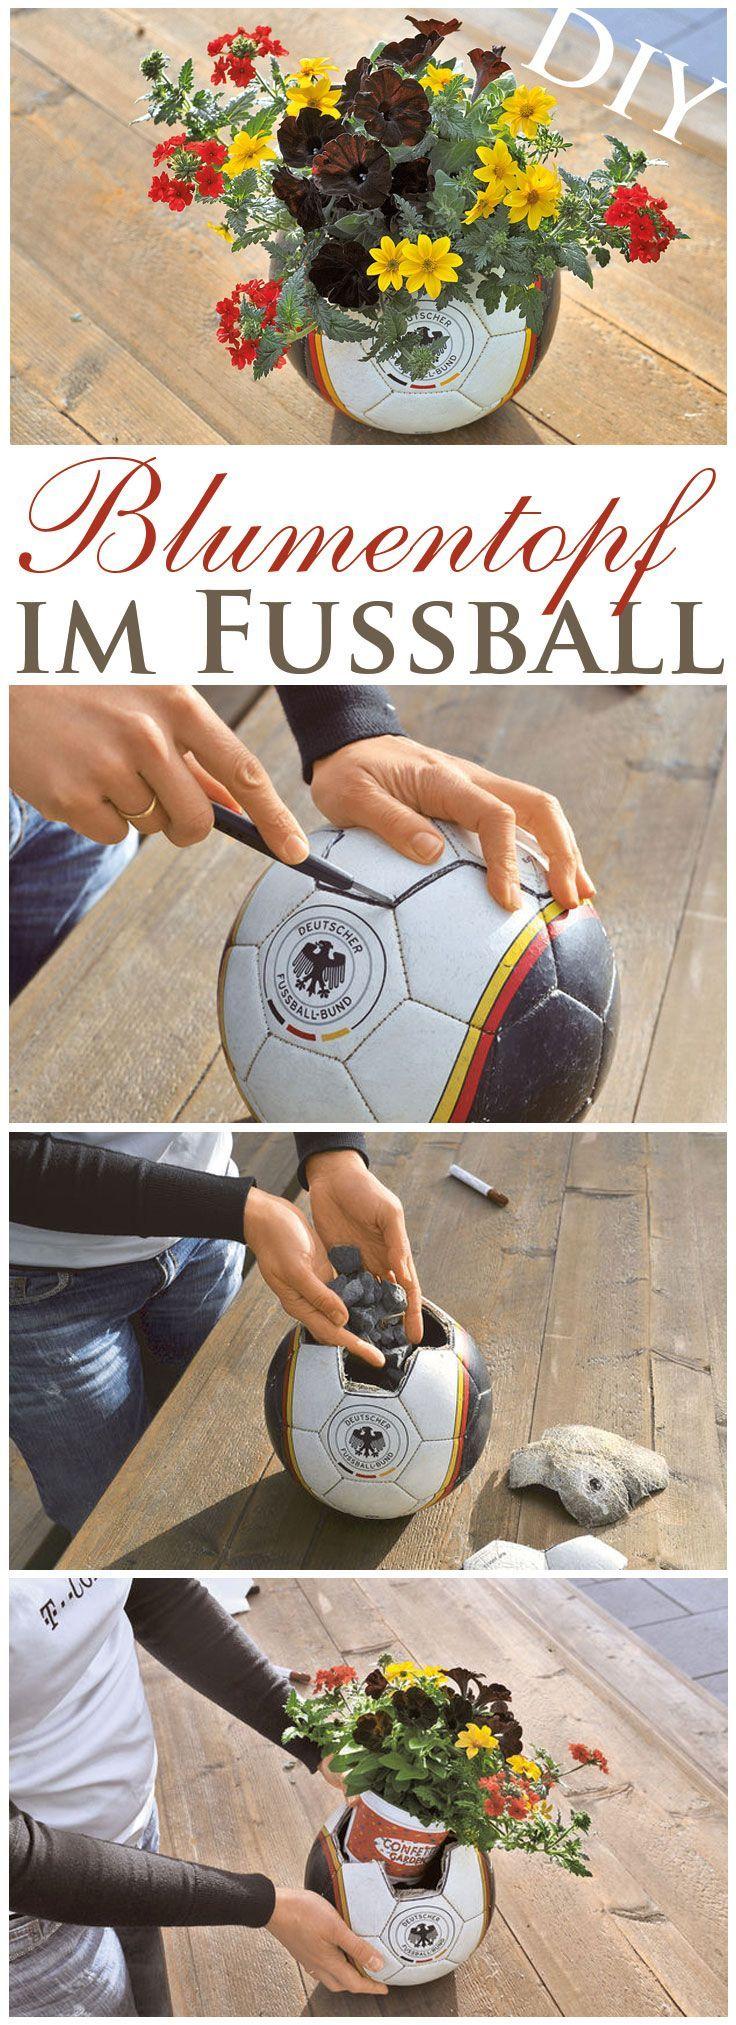 Beeindruckend Fußball Geschenke Für Männer Galerie Von Pflanzkübel | MÄnner | Für Männer |